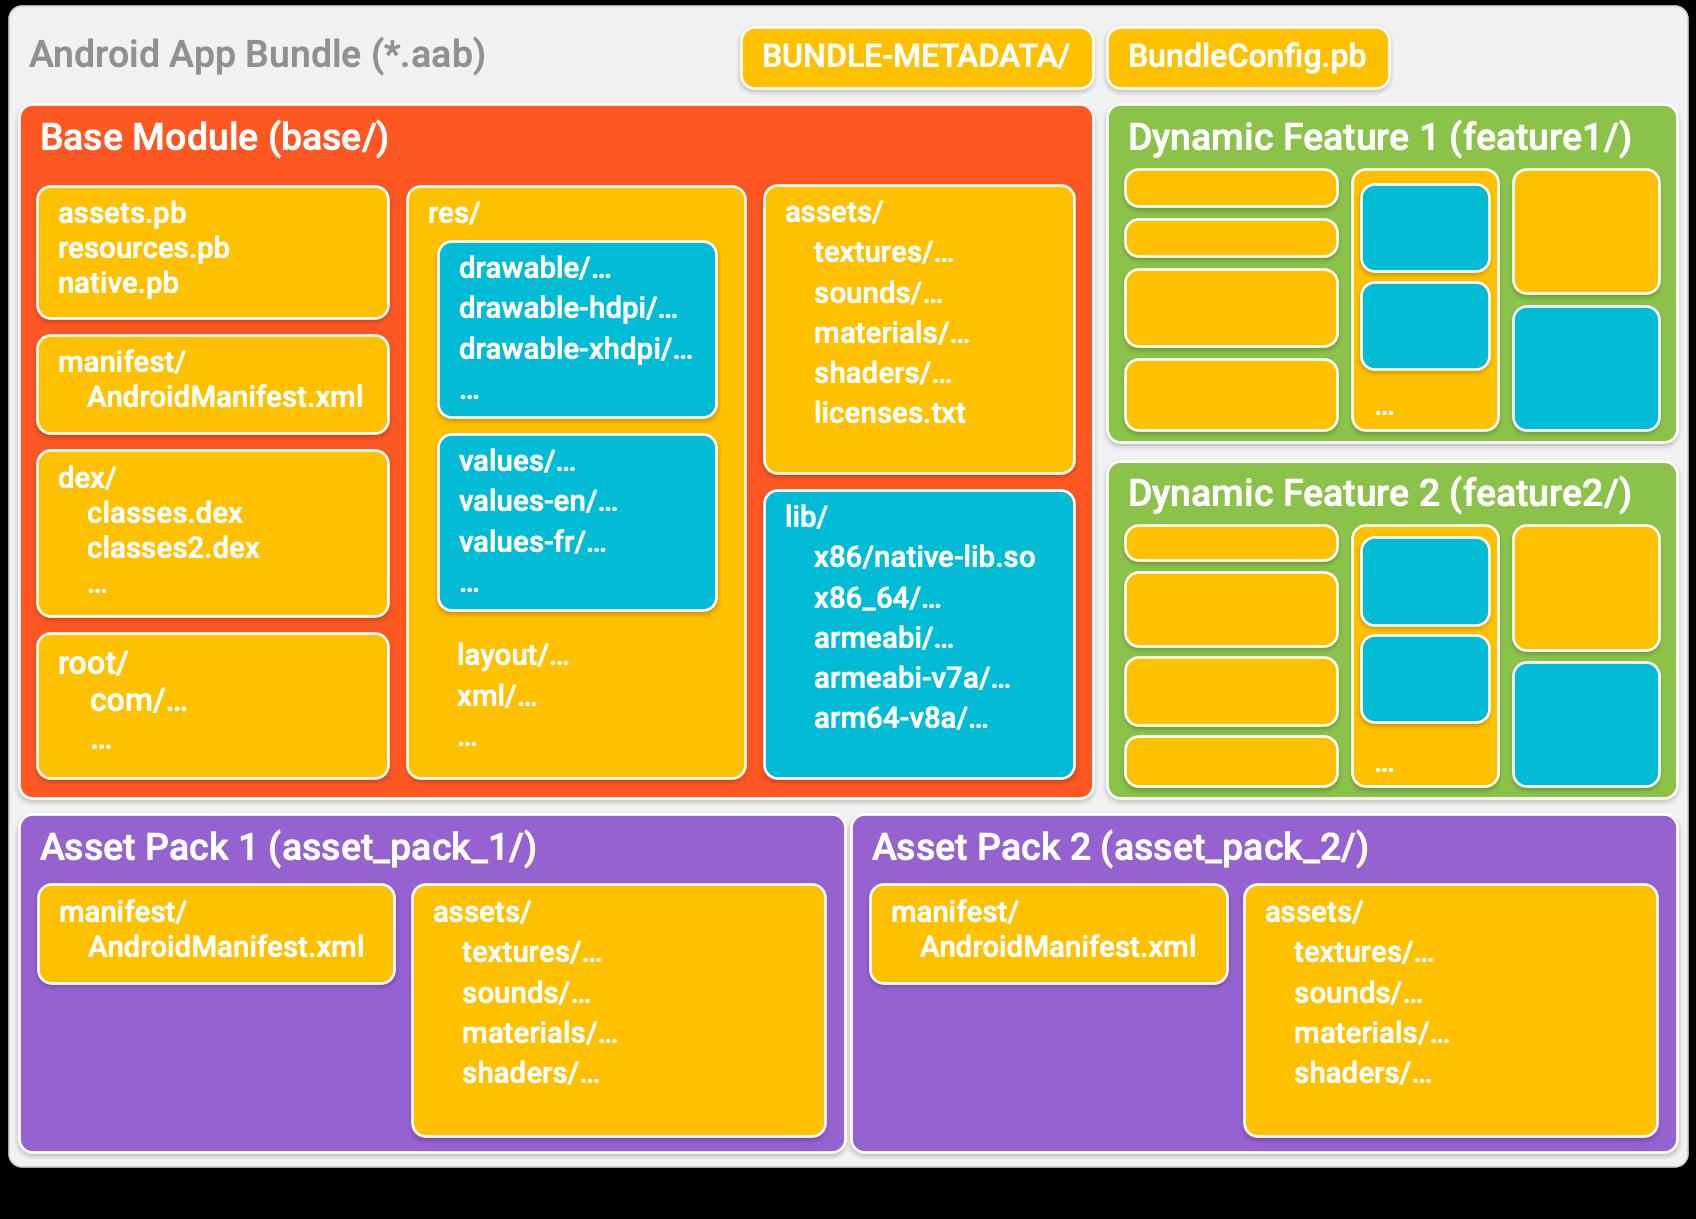 Os pacotes de apps organizam seu app em diretórios, cada um representando um módulo. Dentro de cada diretório de módulo, o código e os recursos são organizados de forma semelhante a um APK típico.